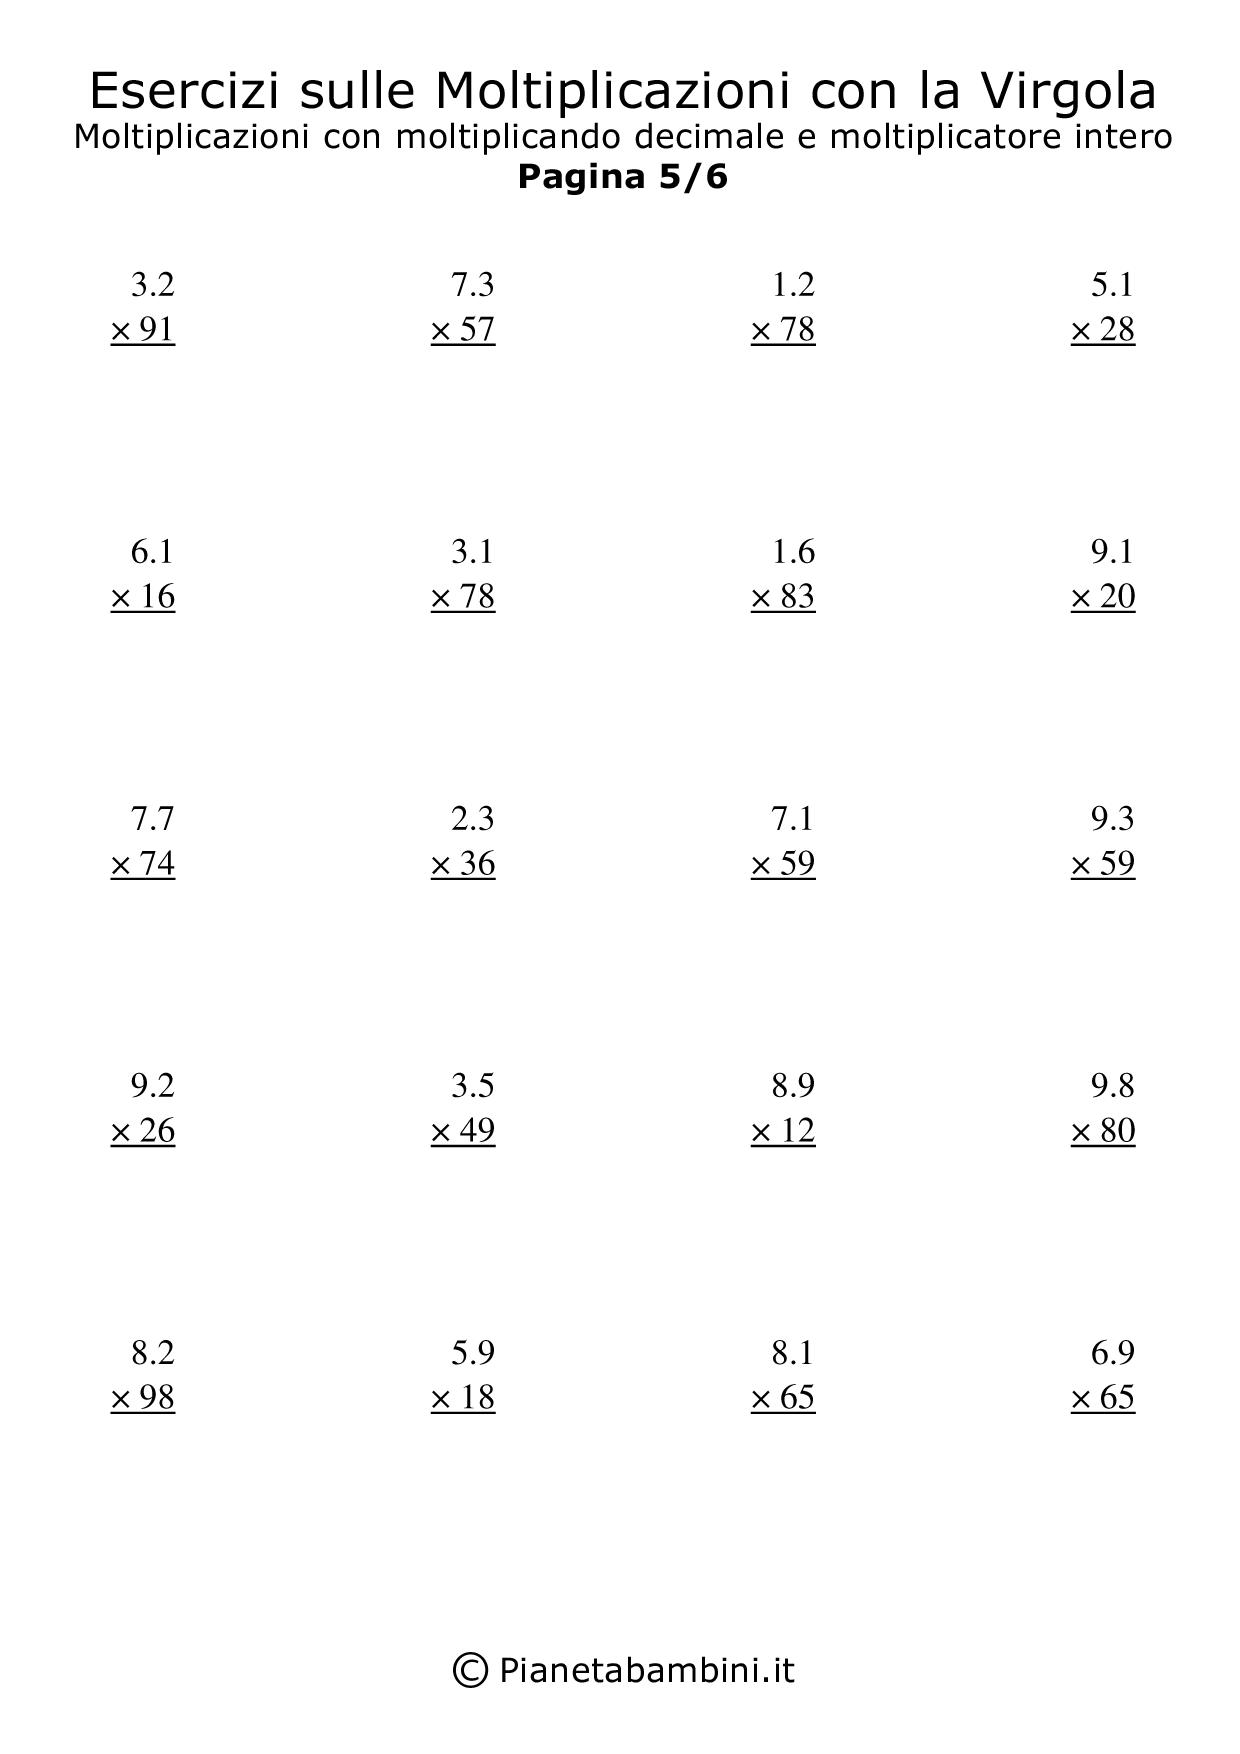 Moltiplicazioni-Virgola-Decimale-X-Intero_5